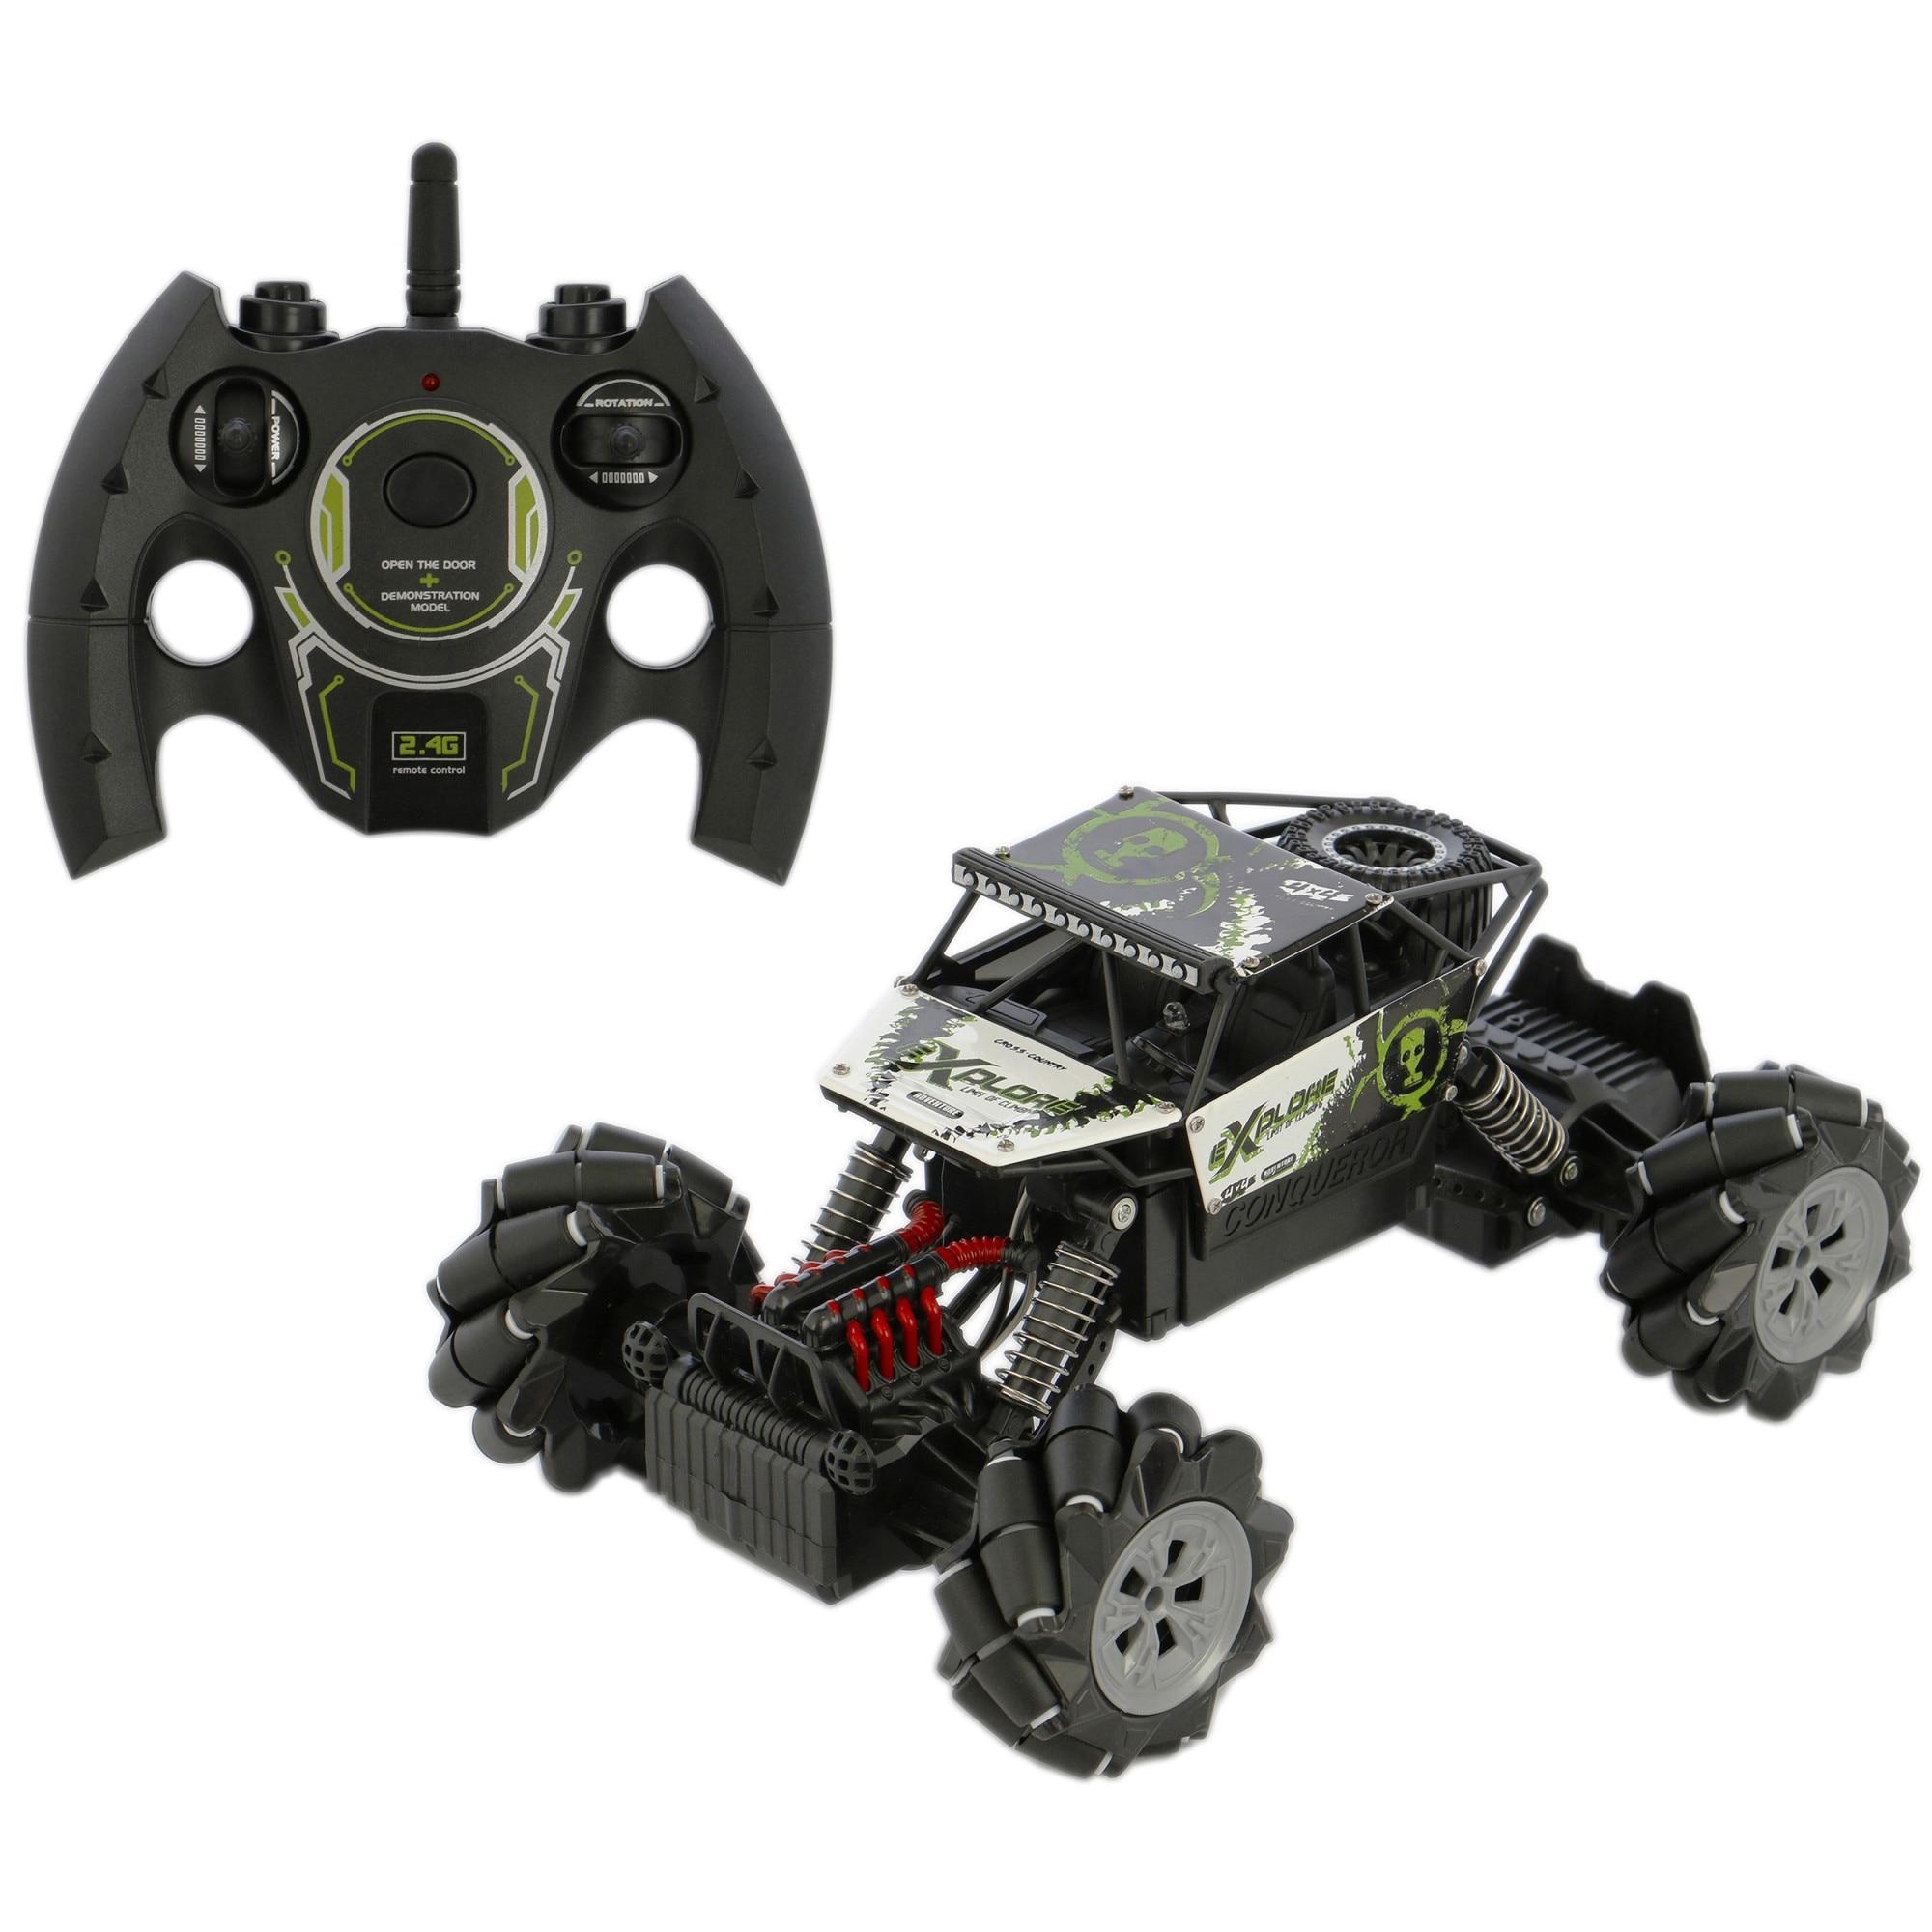 Fotografie Masinuta M-Toys Off-Road 4x4, cu telecomanda, scara 1:16, negru